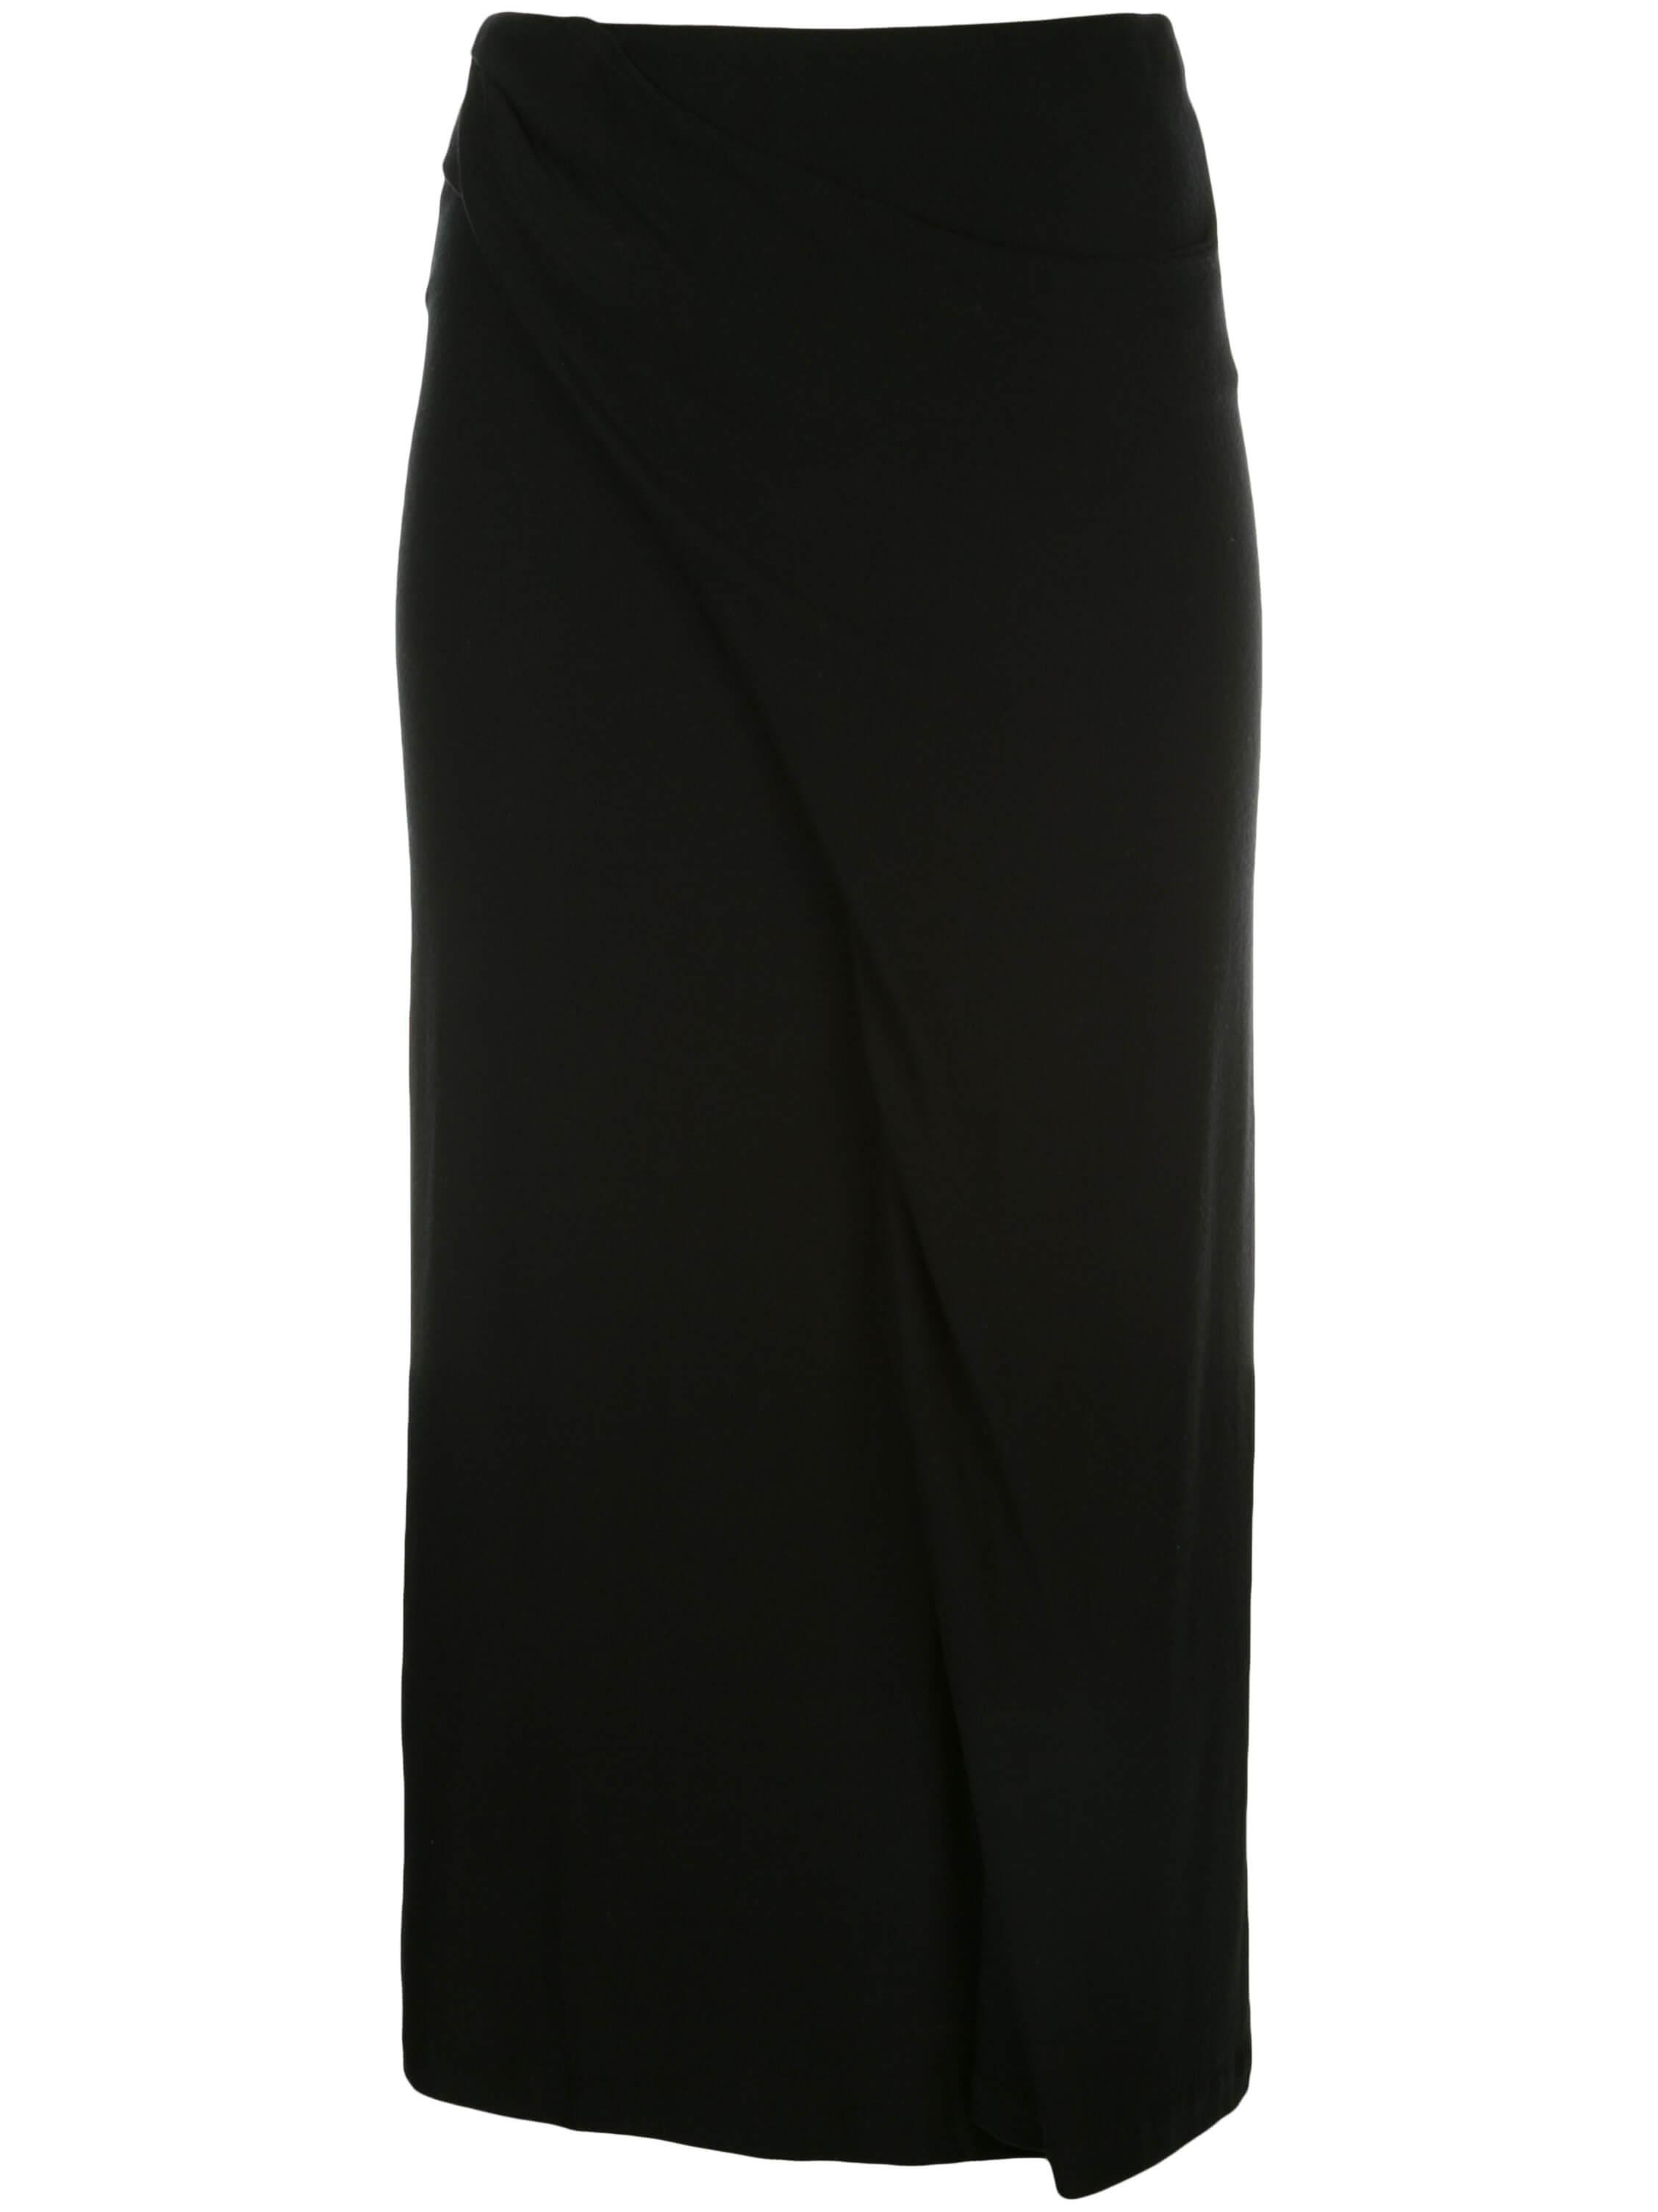 Draped Skirt Item # V624783422